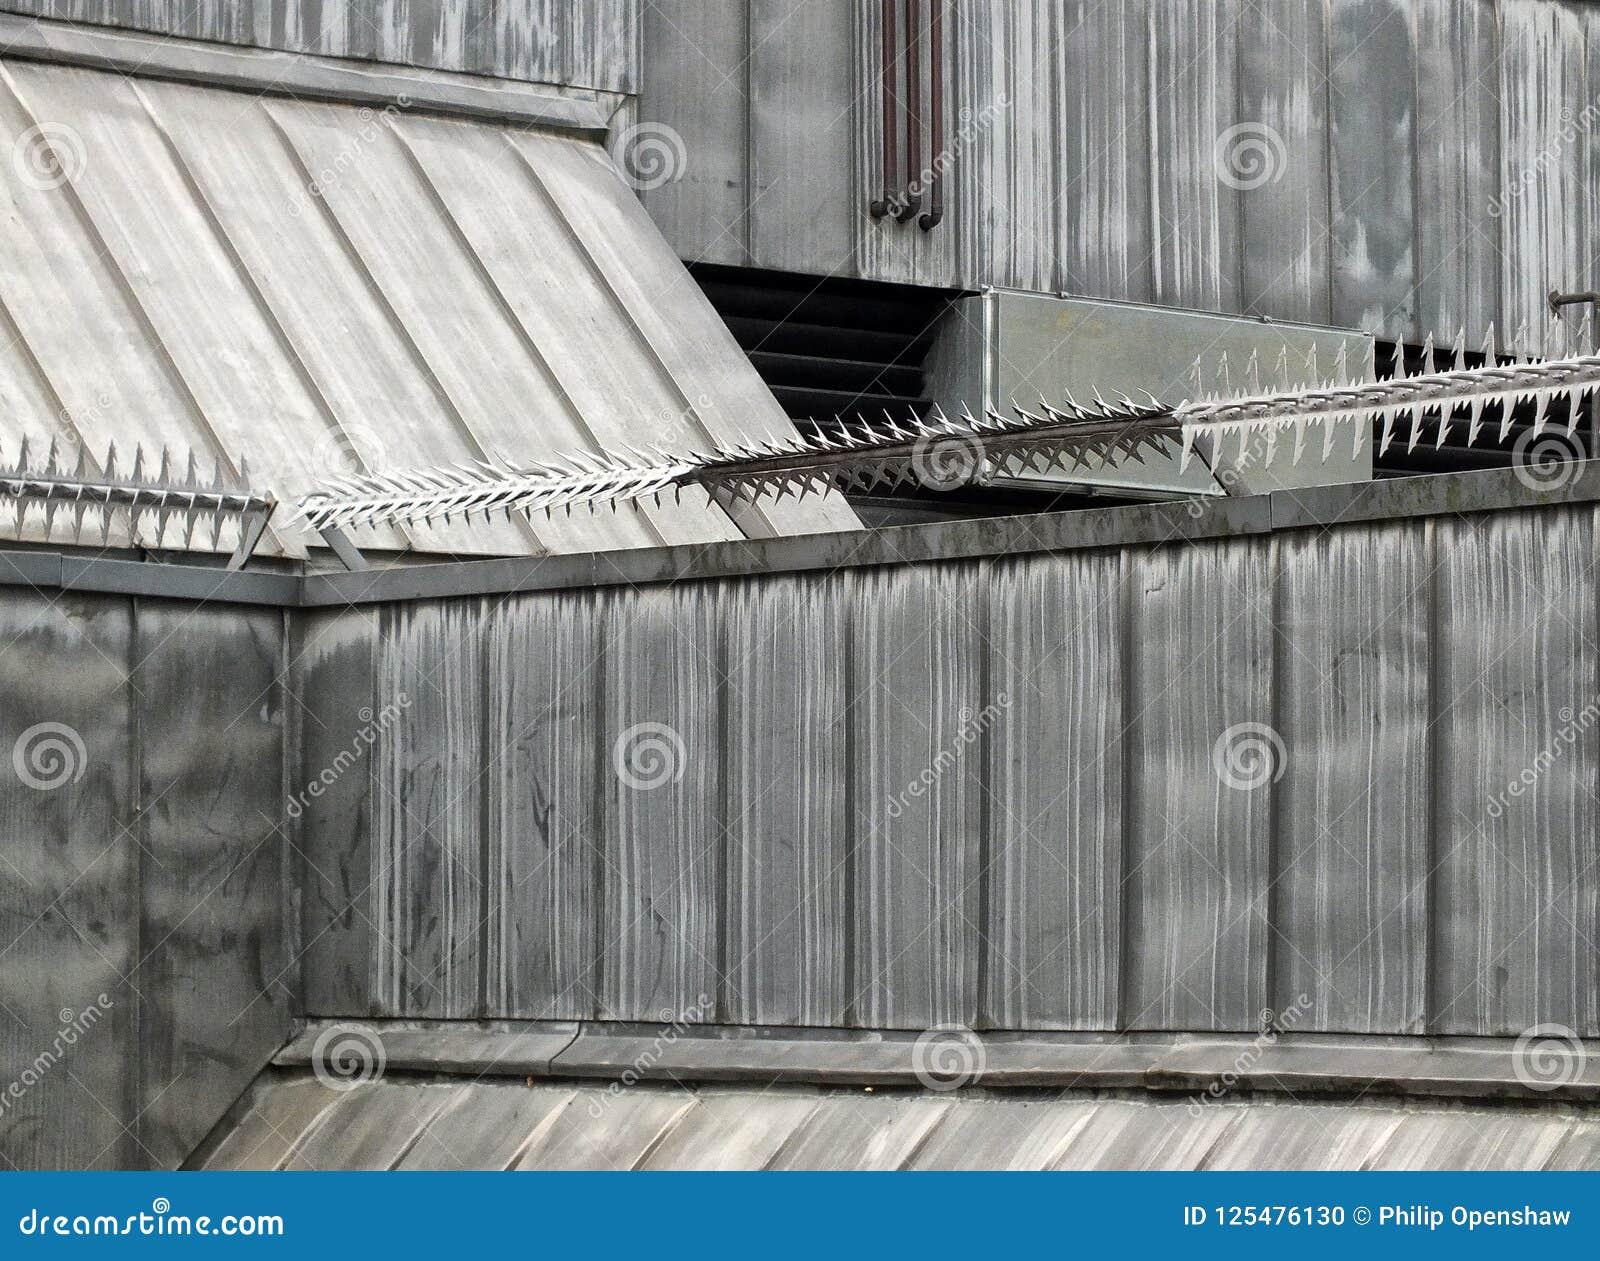 Rodillos antis de la seguridad de la subida con los puntos de púas en las paredes y el tejado de un edificio de la alta seguridad